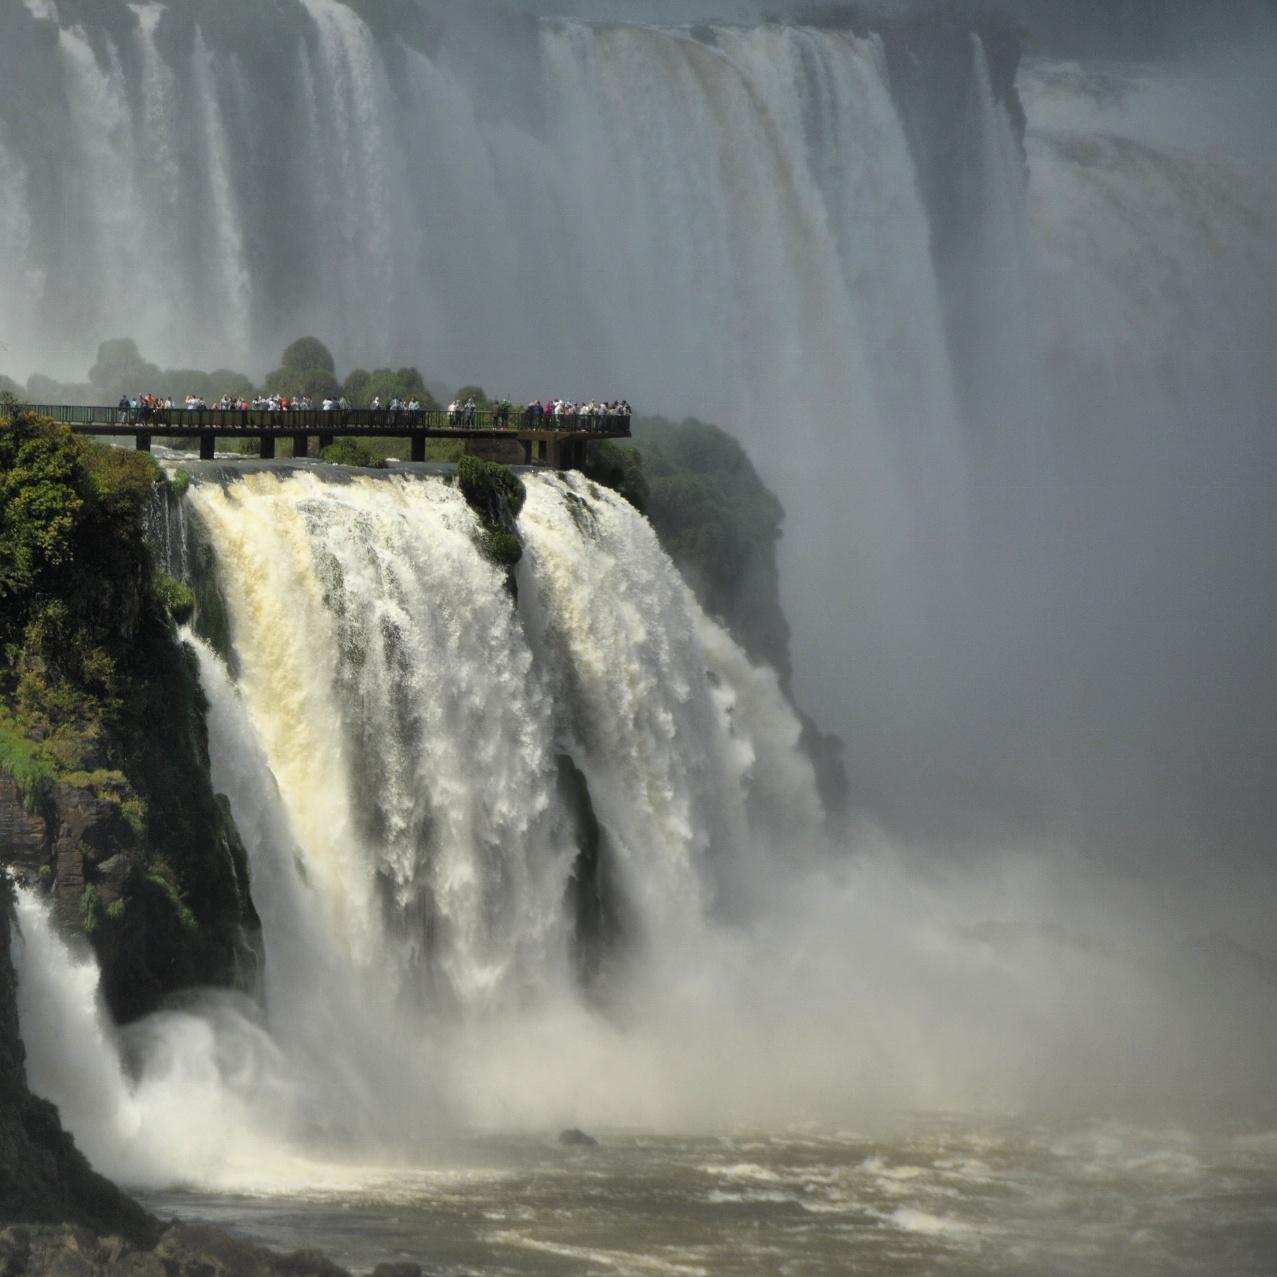 Cataratas do Iguaçu, lado brasileiro, Foz do Iguaçu - PR, by Luciana de Paula, 2016